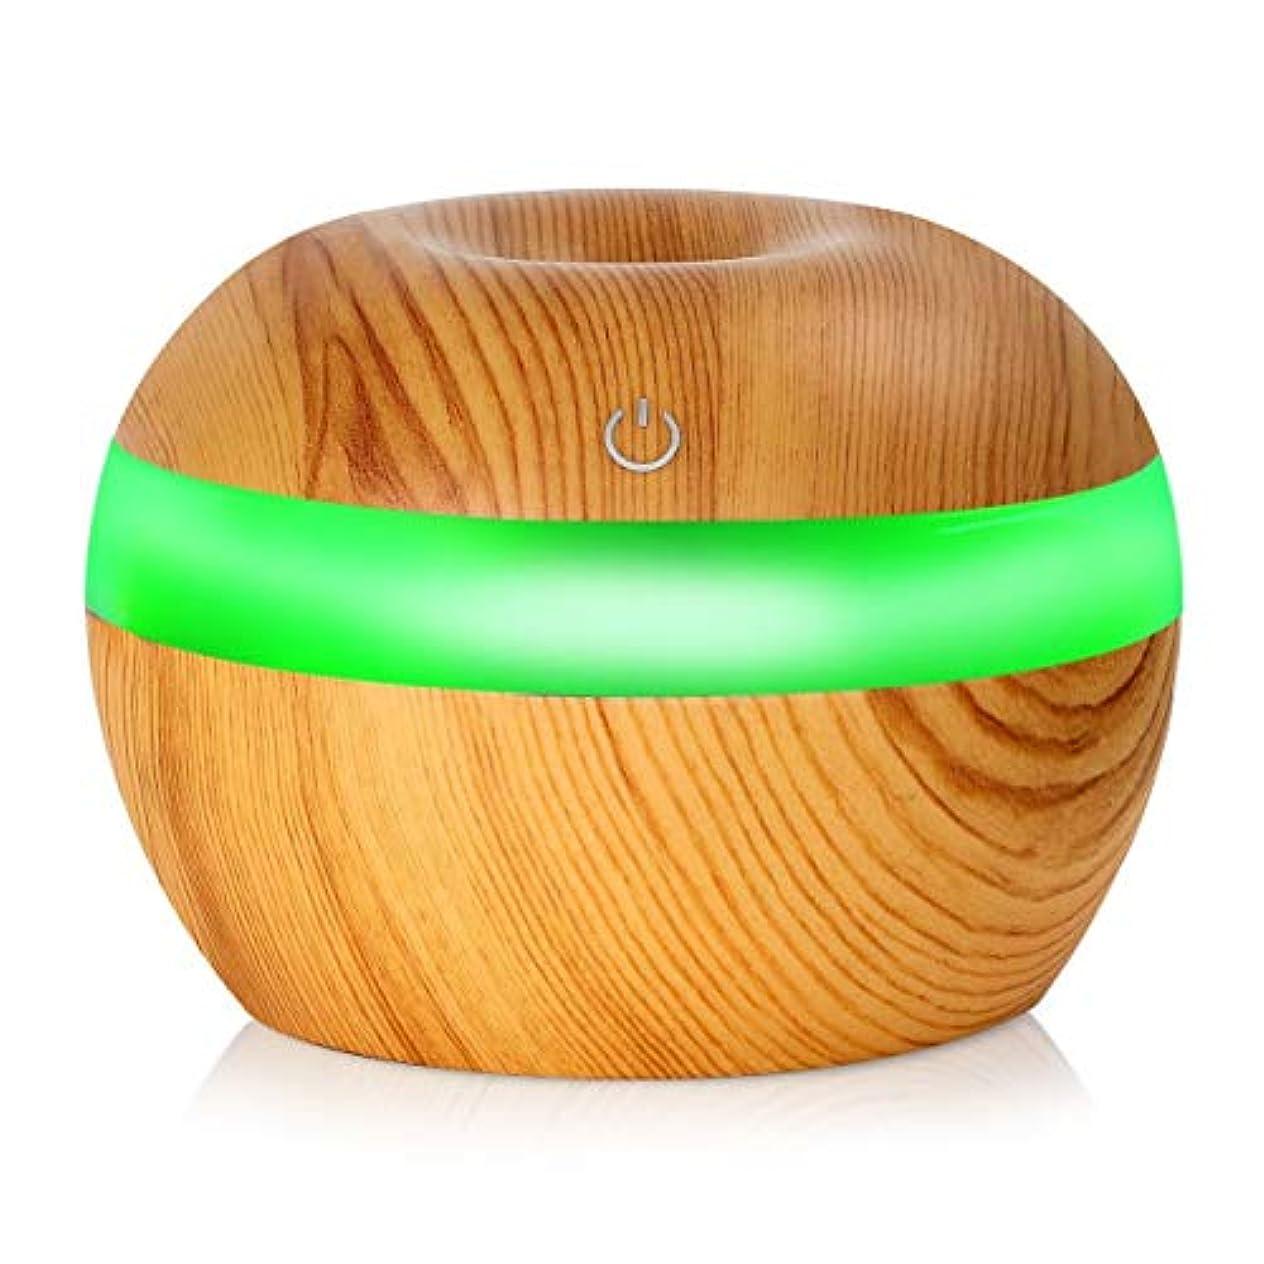 息を切らしてレオナルドダ主流Saikogoods 7色の変更Nightlightsと電子 木目 超音波エッセンシャルオイルディフューザー 水分加湿器 空気清浄 桃の木の色 03#